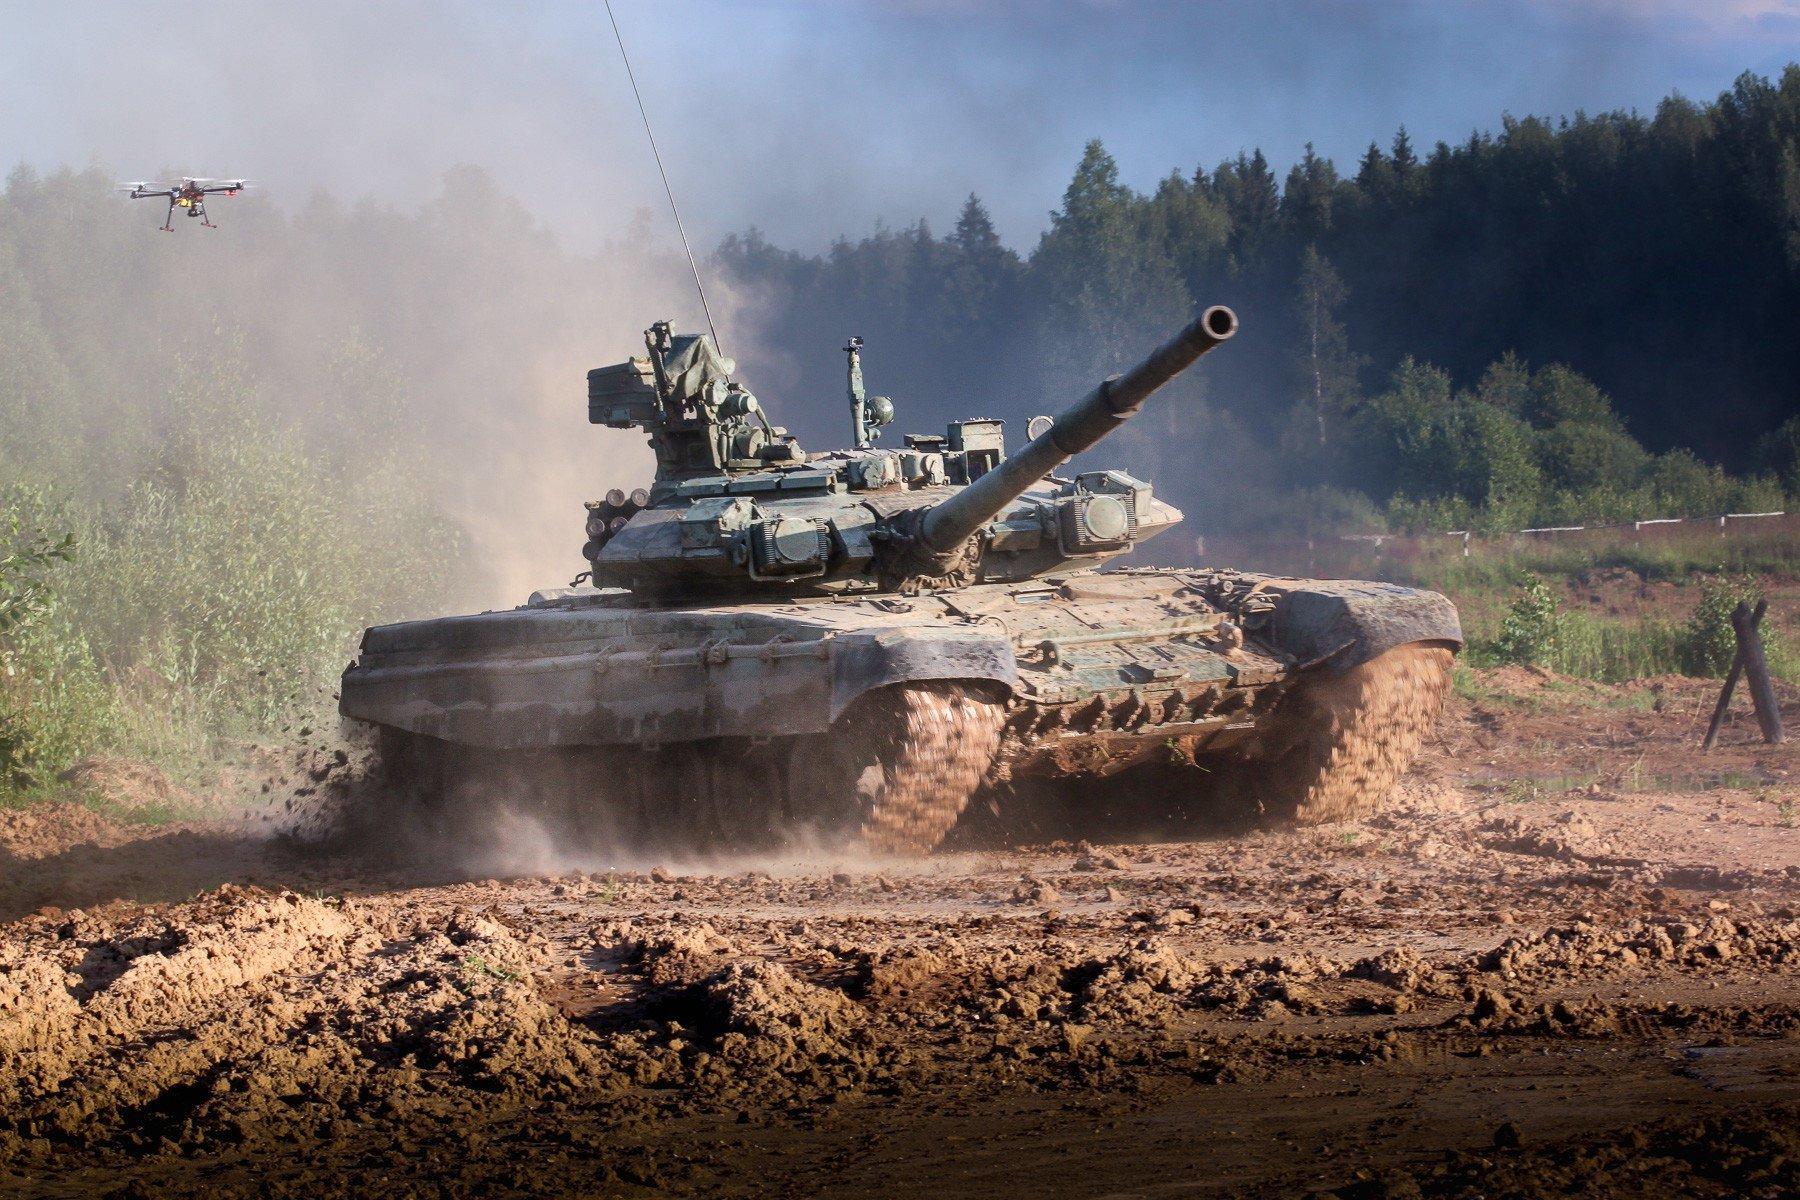 однократном прослушивании фото танков на мобилу некоторых путаешься где